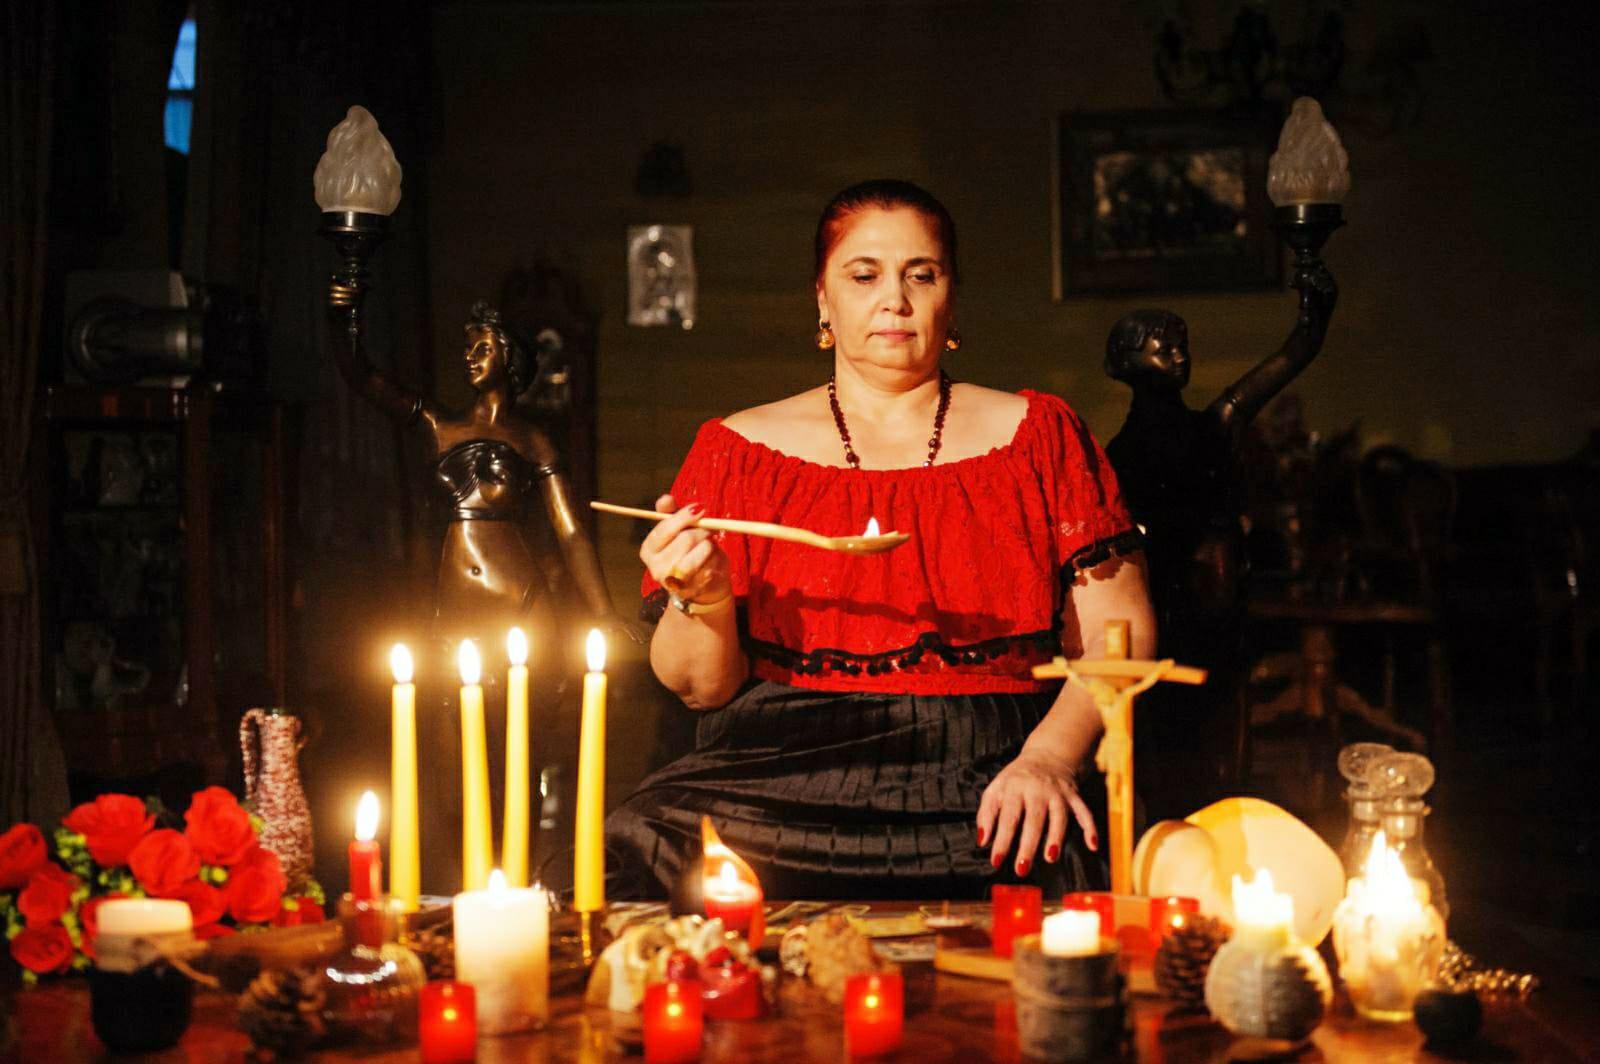 Interviu în exclusivitate cu vrăjitoarea Aurelia Ardeleanca